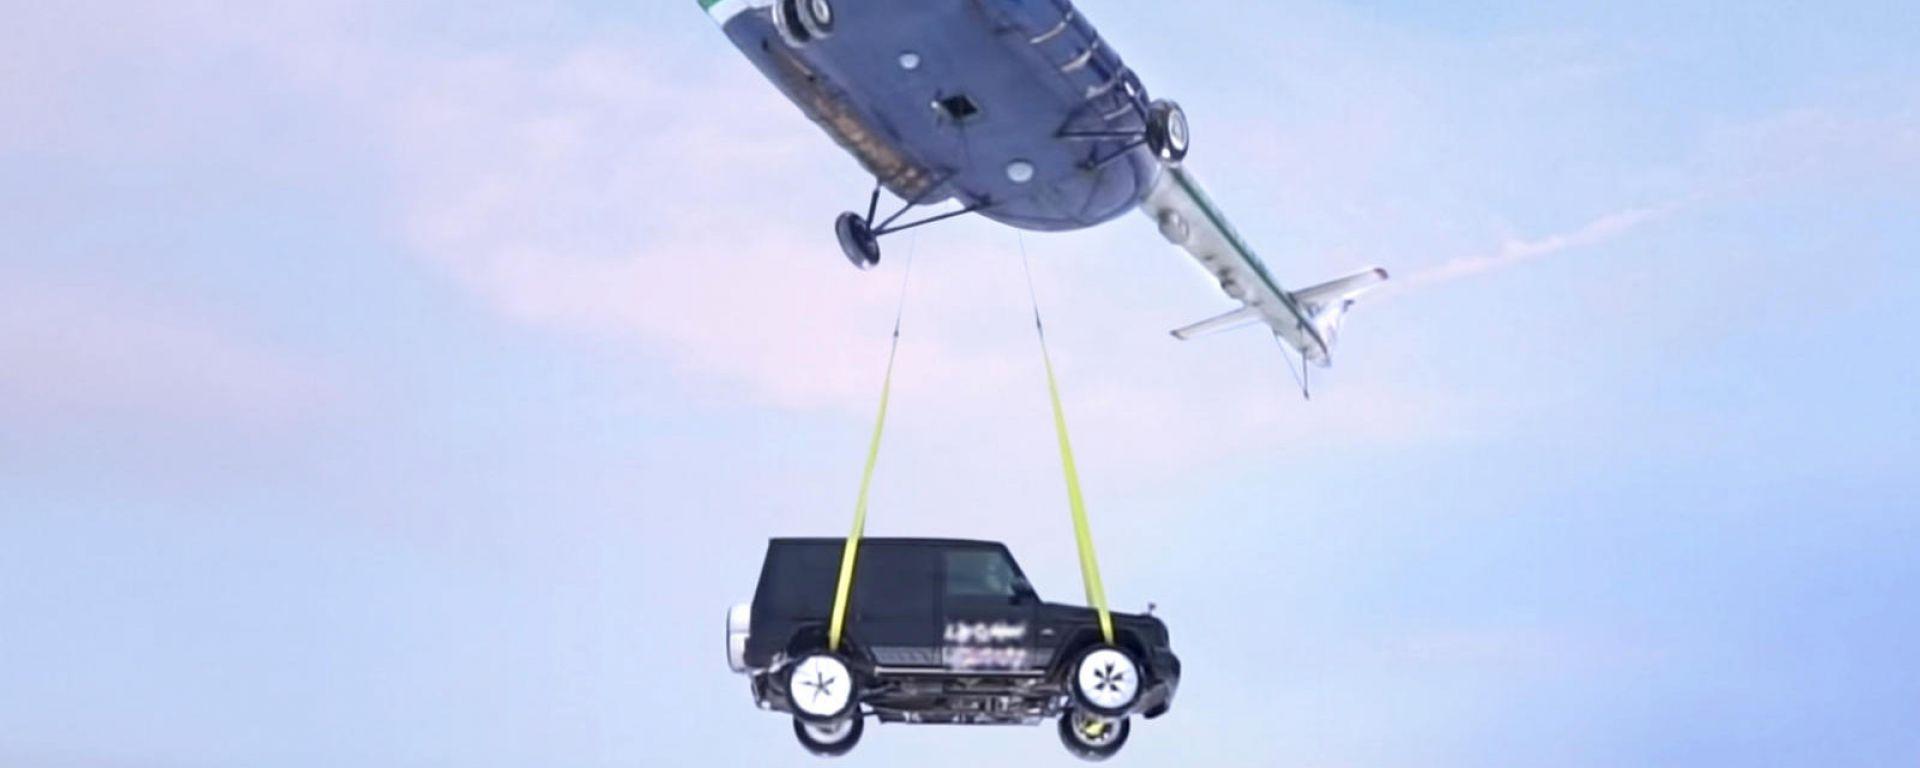 Mercedes-AMG G63 lanciata da un elicottero: il video